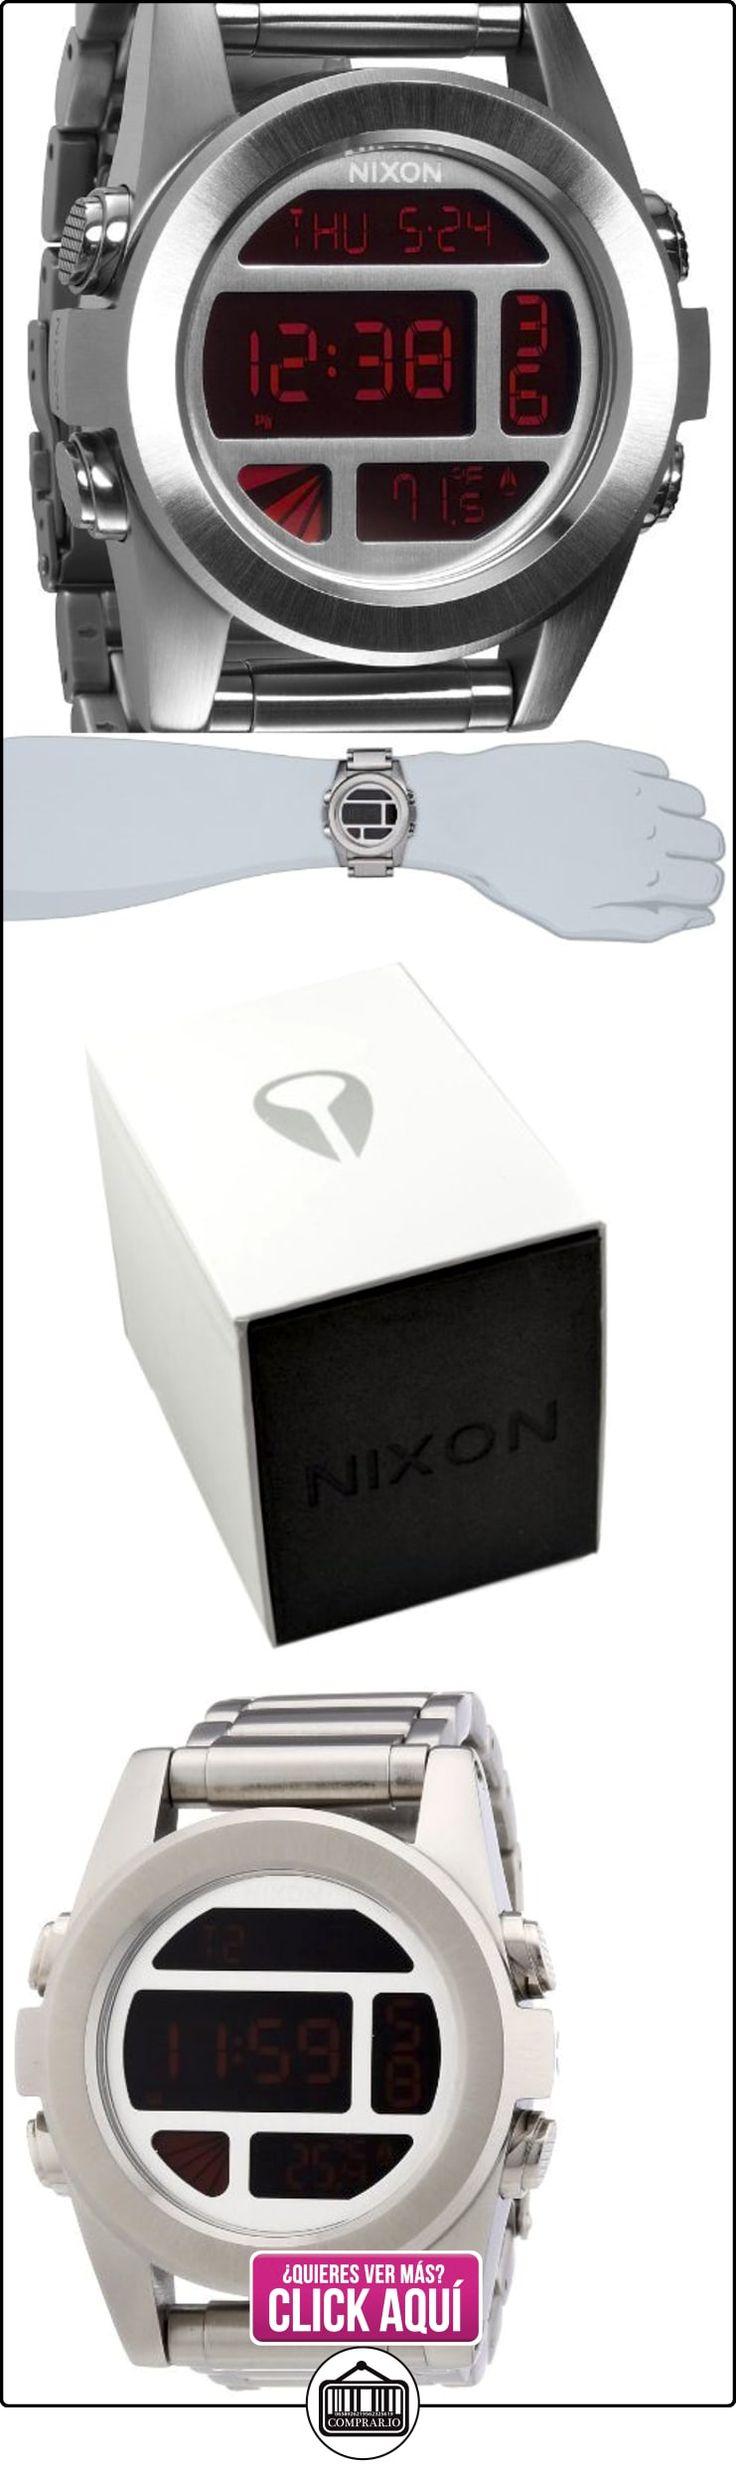 Nixon - Reloj para caballero de acero inoxidable multicolor  ✿ Relojes para hombre - (Gama media/alta) ✿ ▬► Ver oferta: http://comprar.io/goto/B00AEQ3AIY